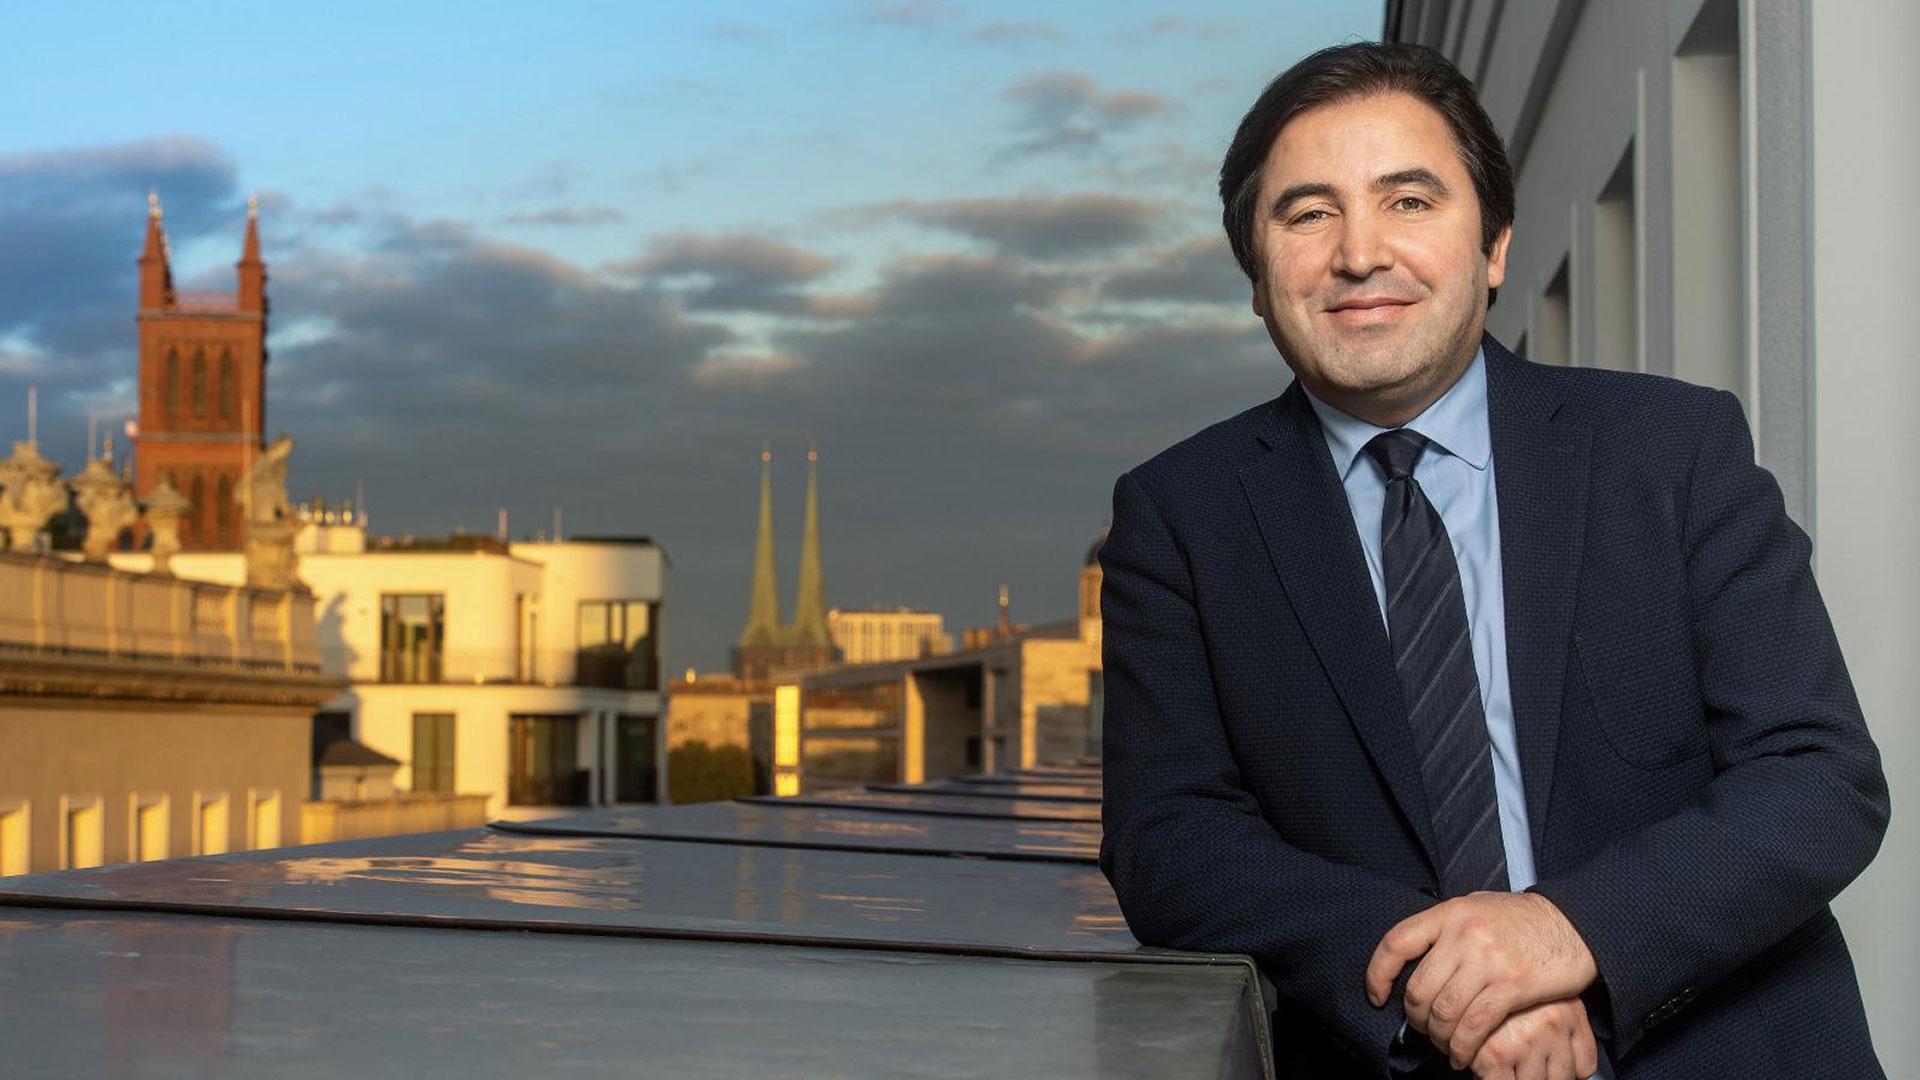 Politologe Galip Dalay im Interview zu Türkei und EU